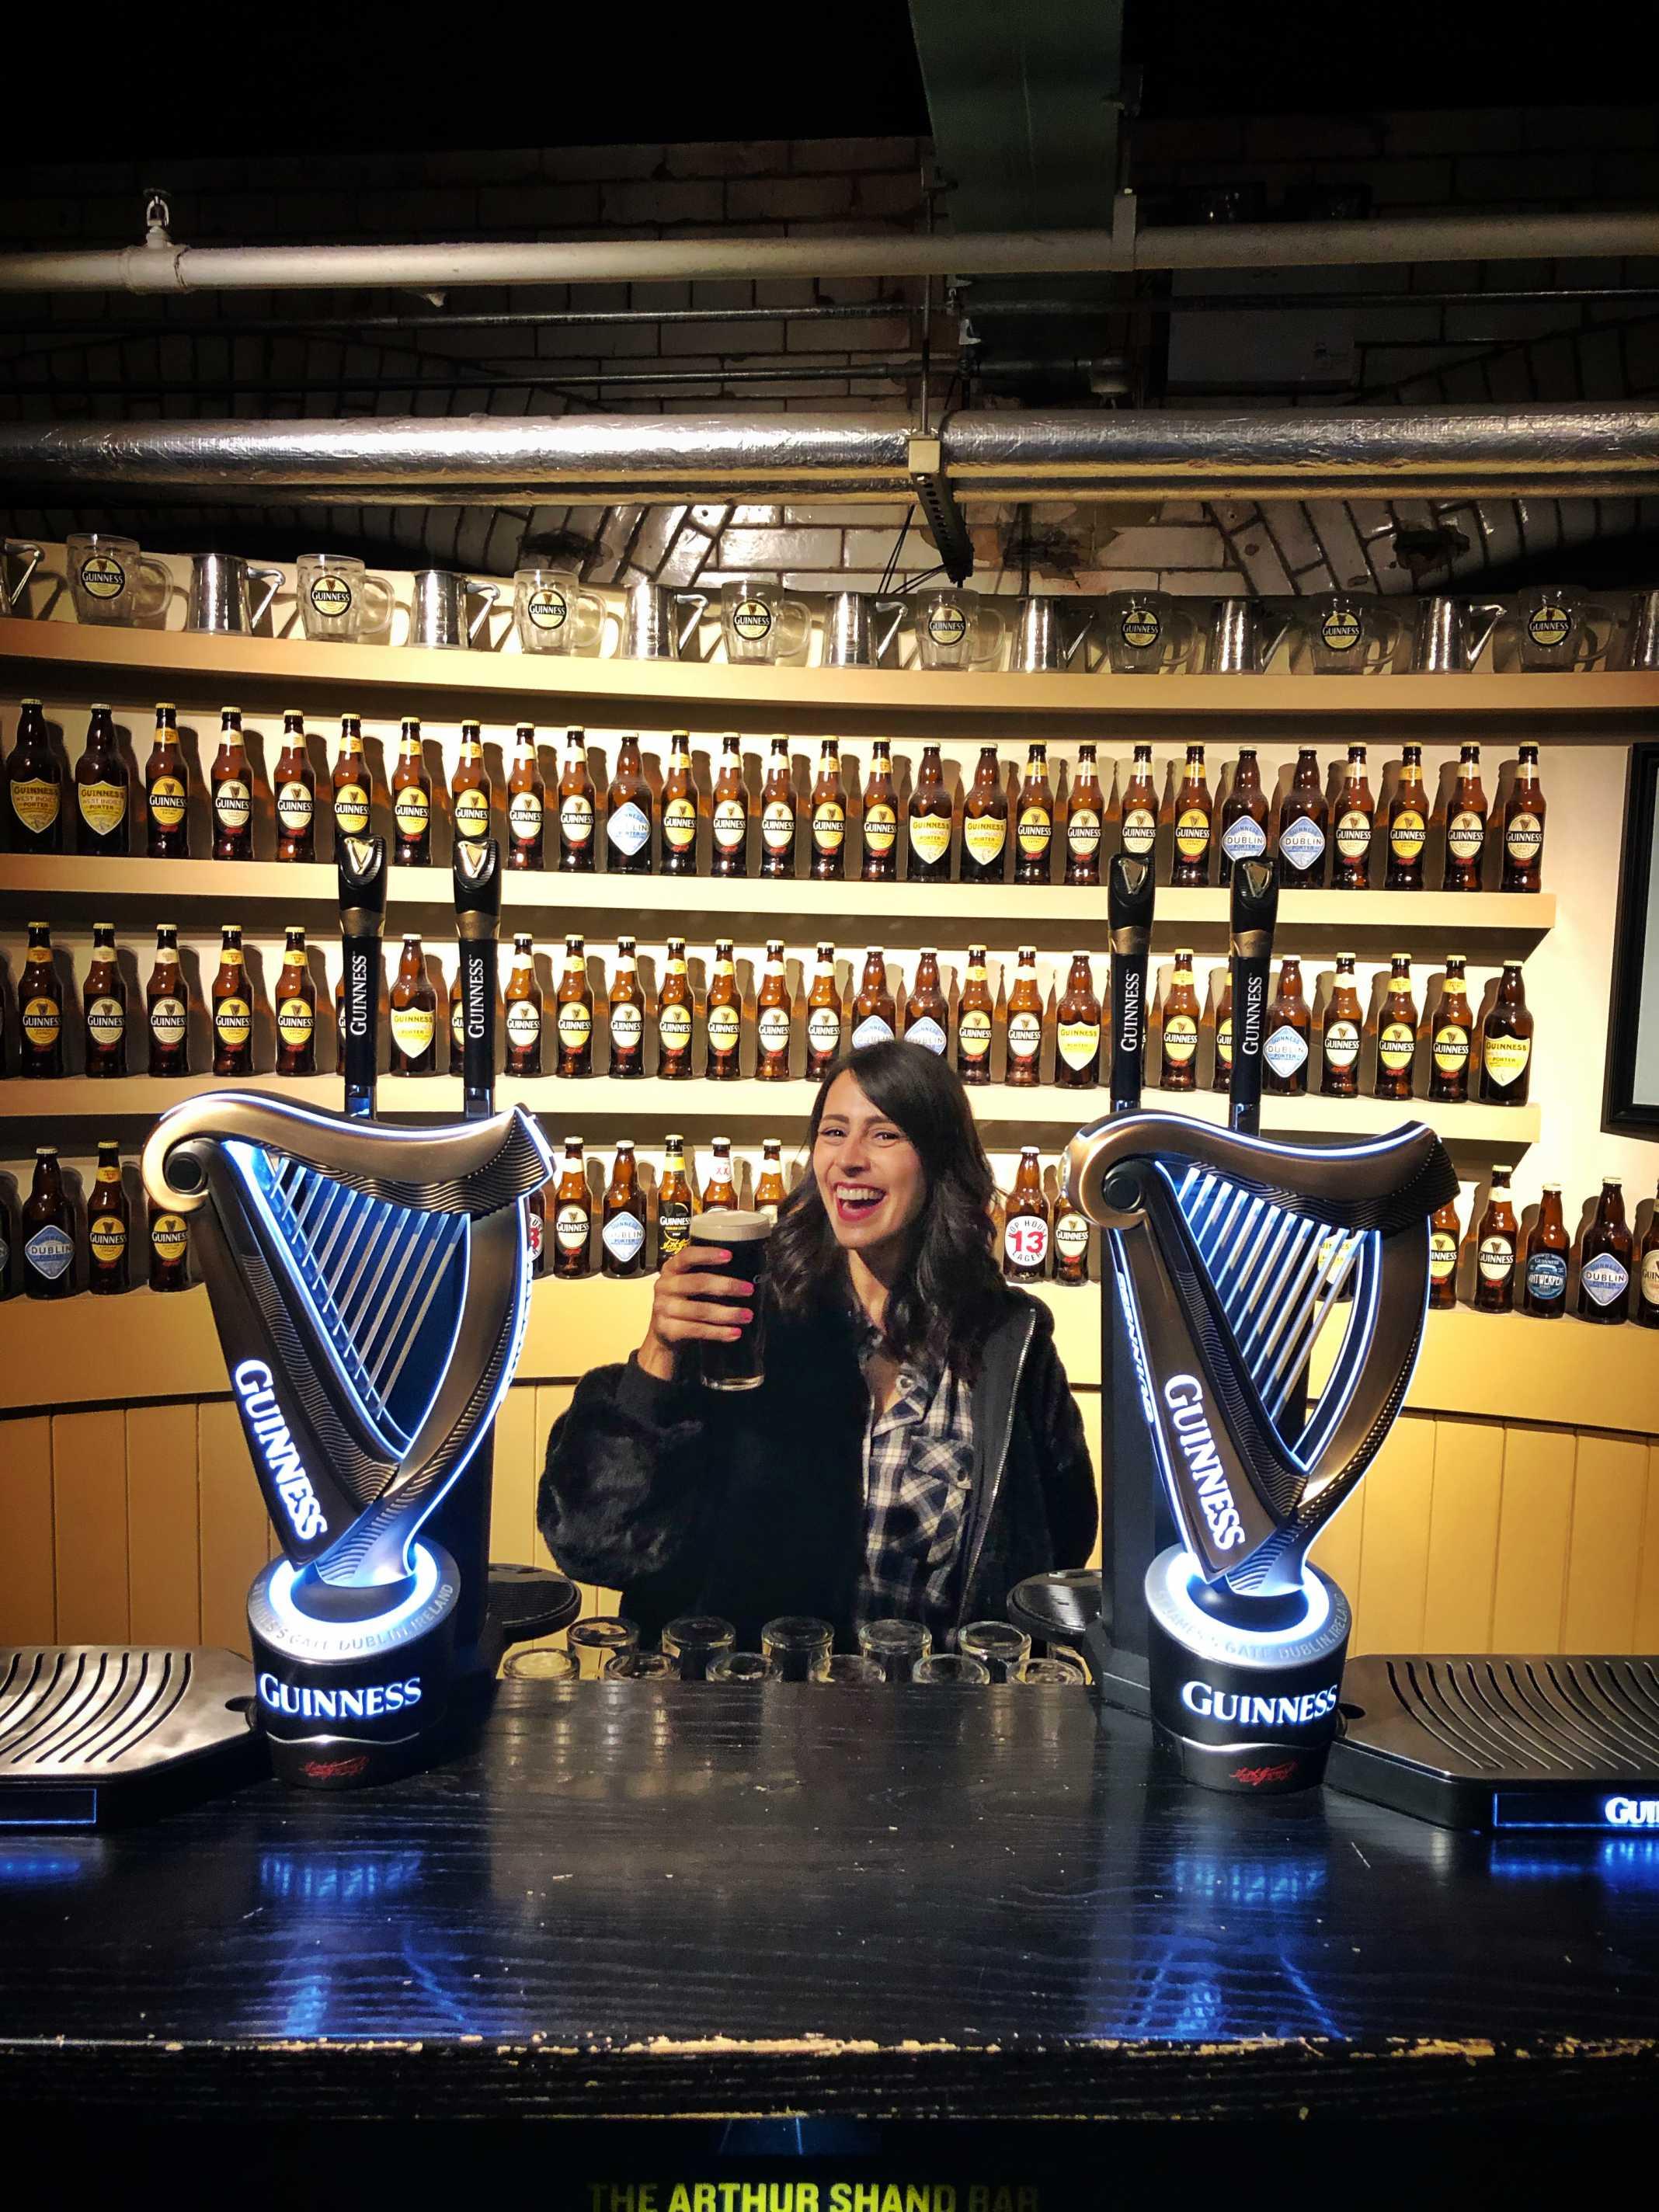 Guinness Storehouse Ireland